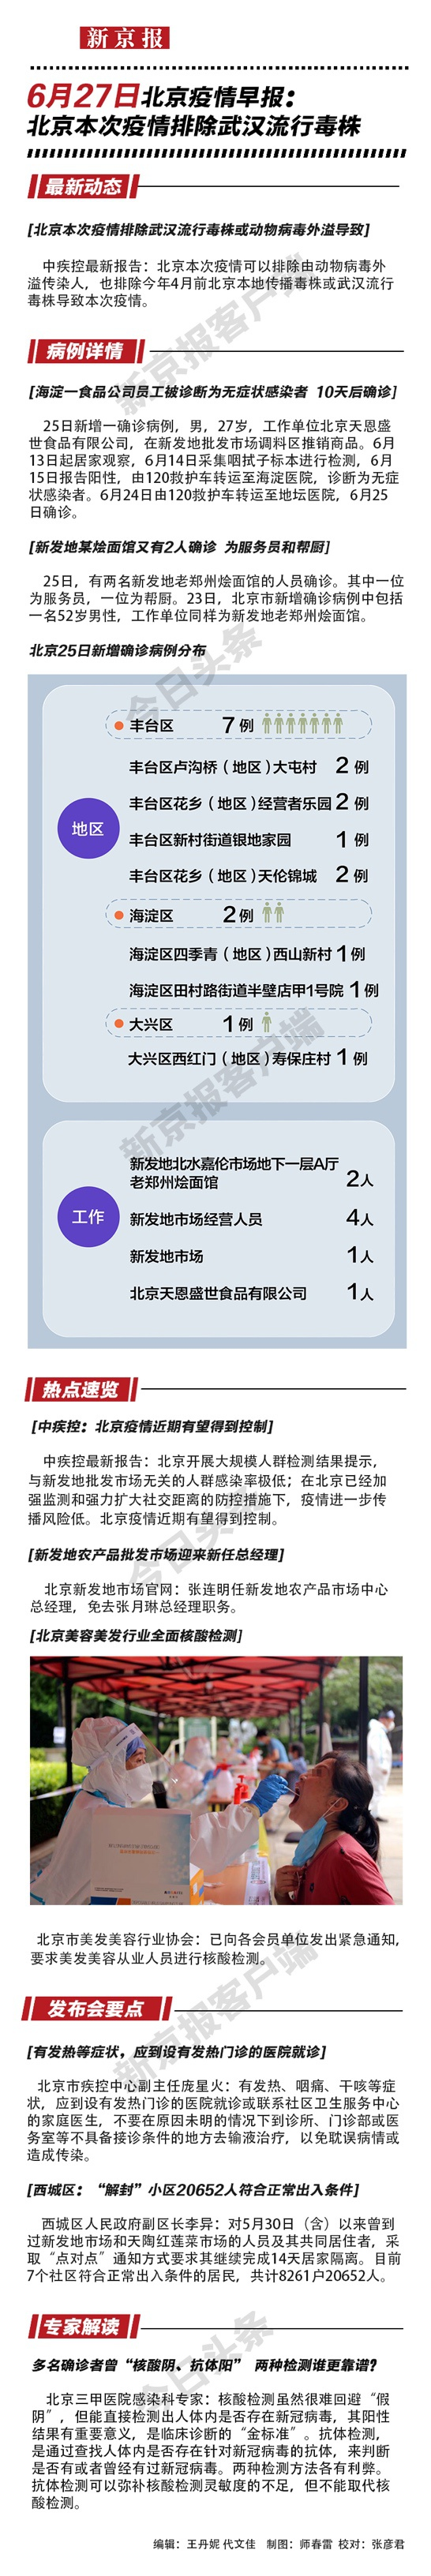 【天富官网】6月27日北天富官网京疫情早报图片